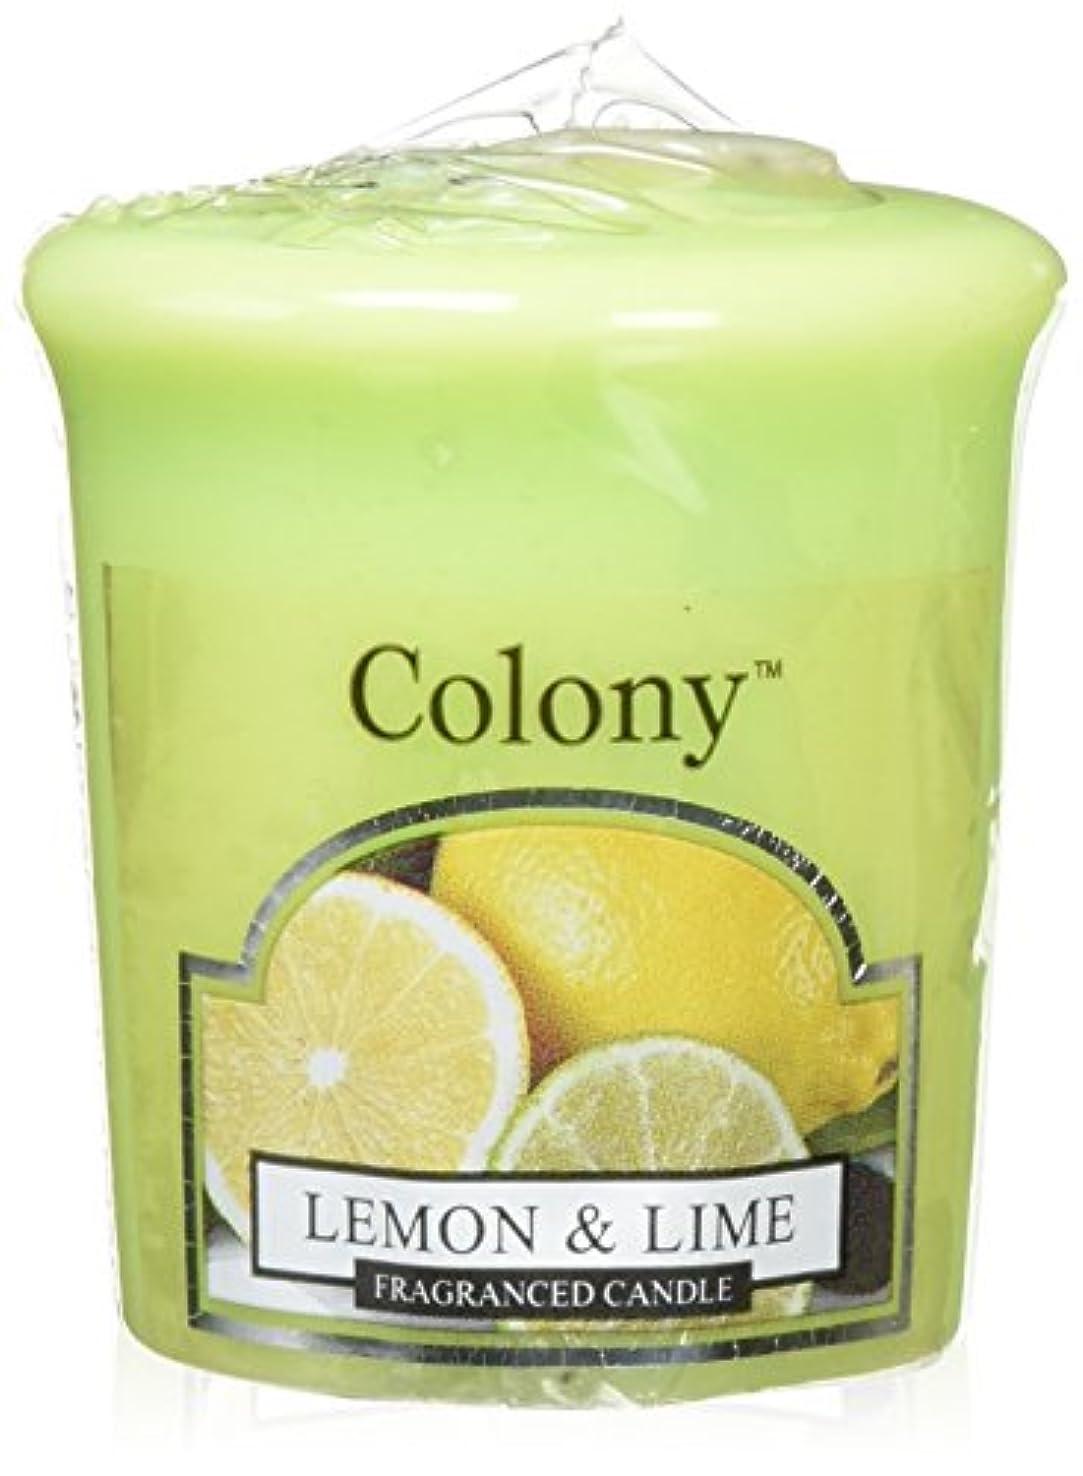 負荷虐殺オーケストラWAX LYRICAL ENGLAND Colony HomeScents Series センターキャンドル レモン&ライム CNCH0568